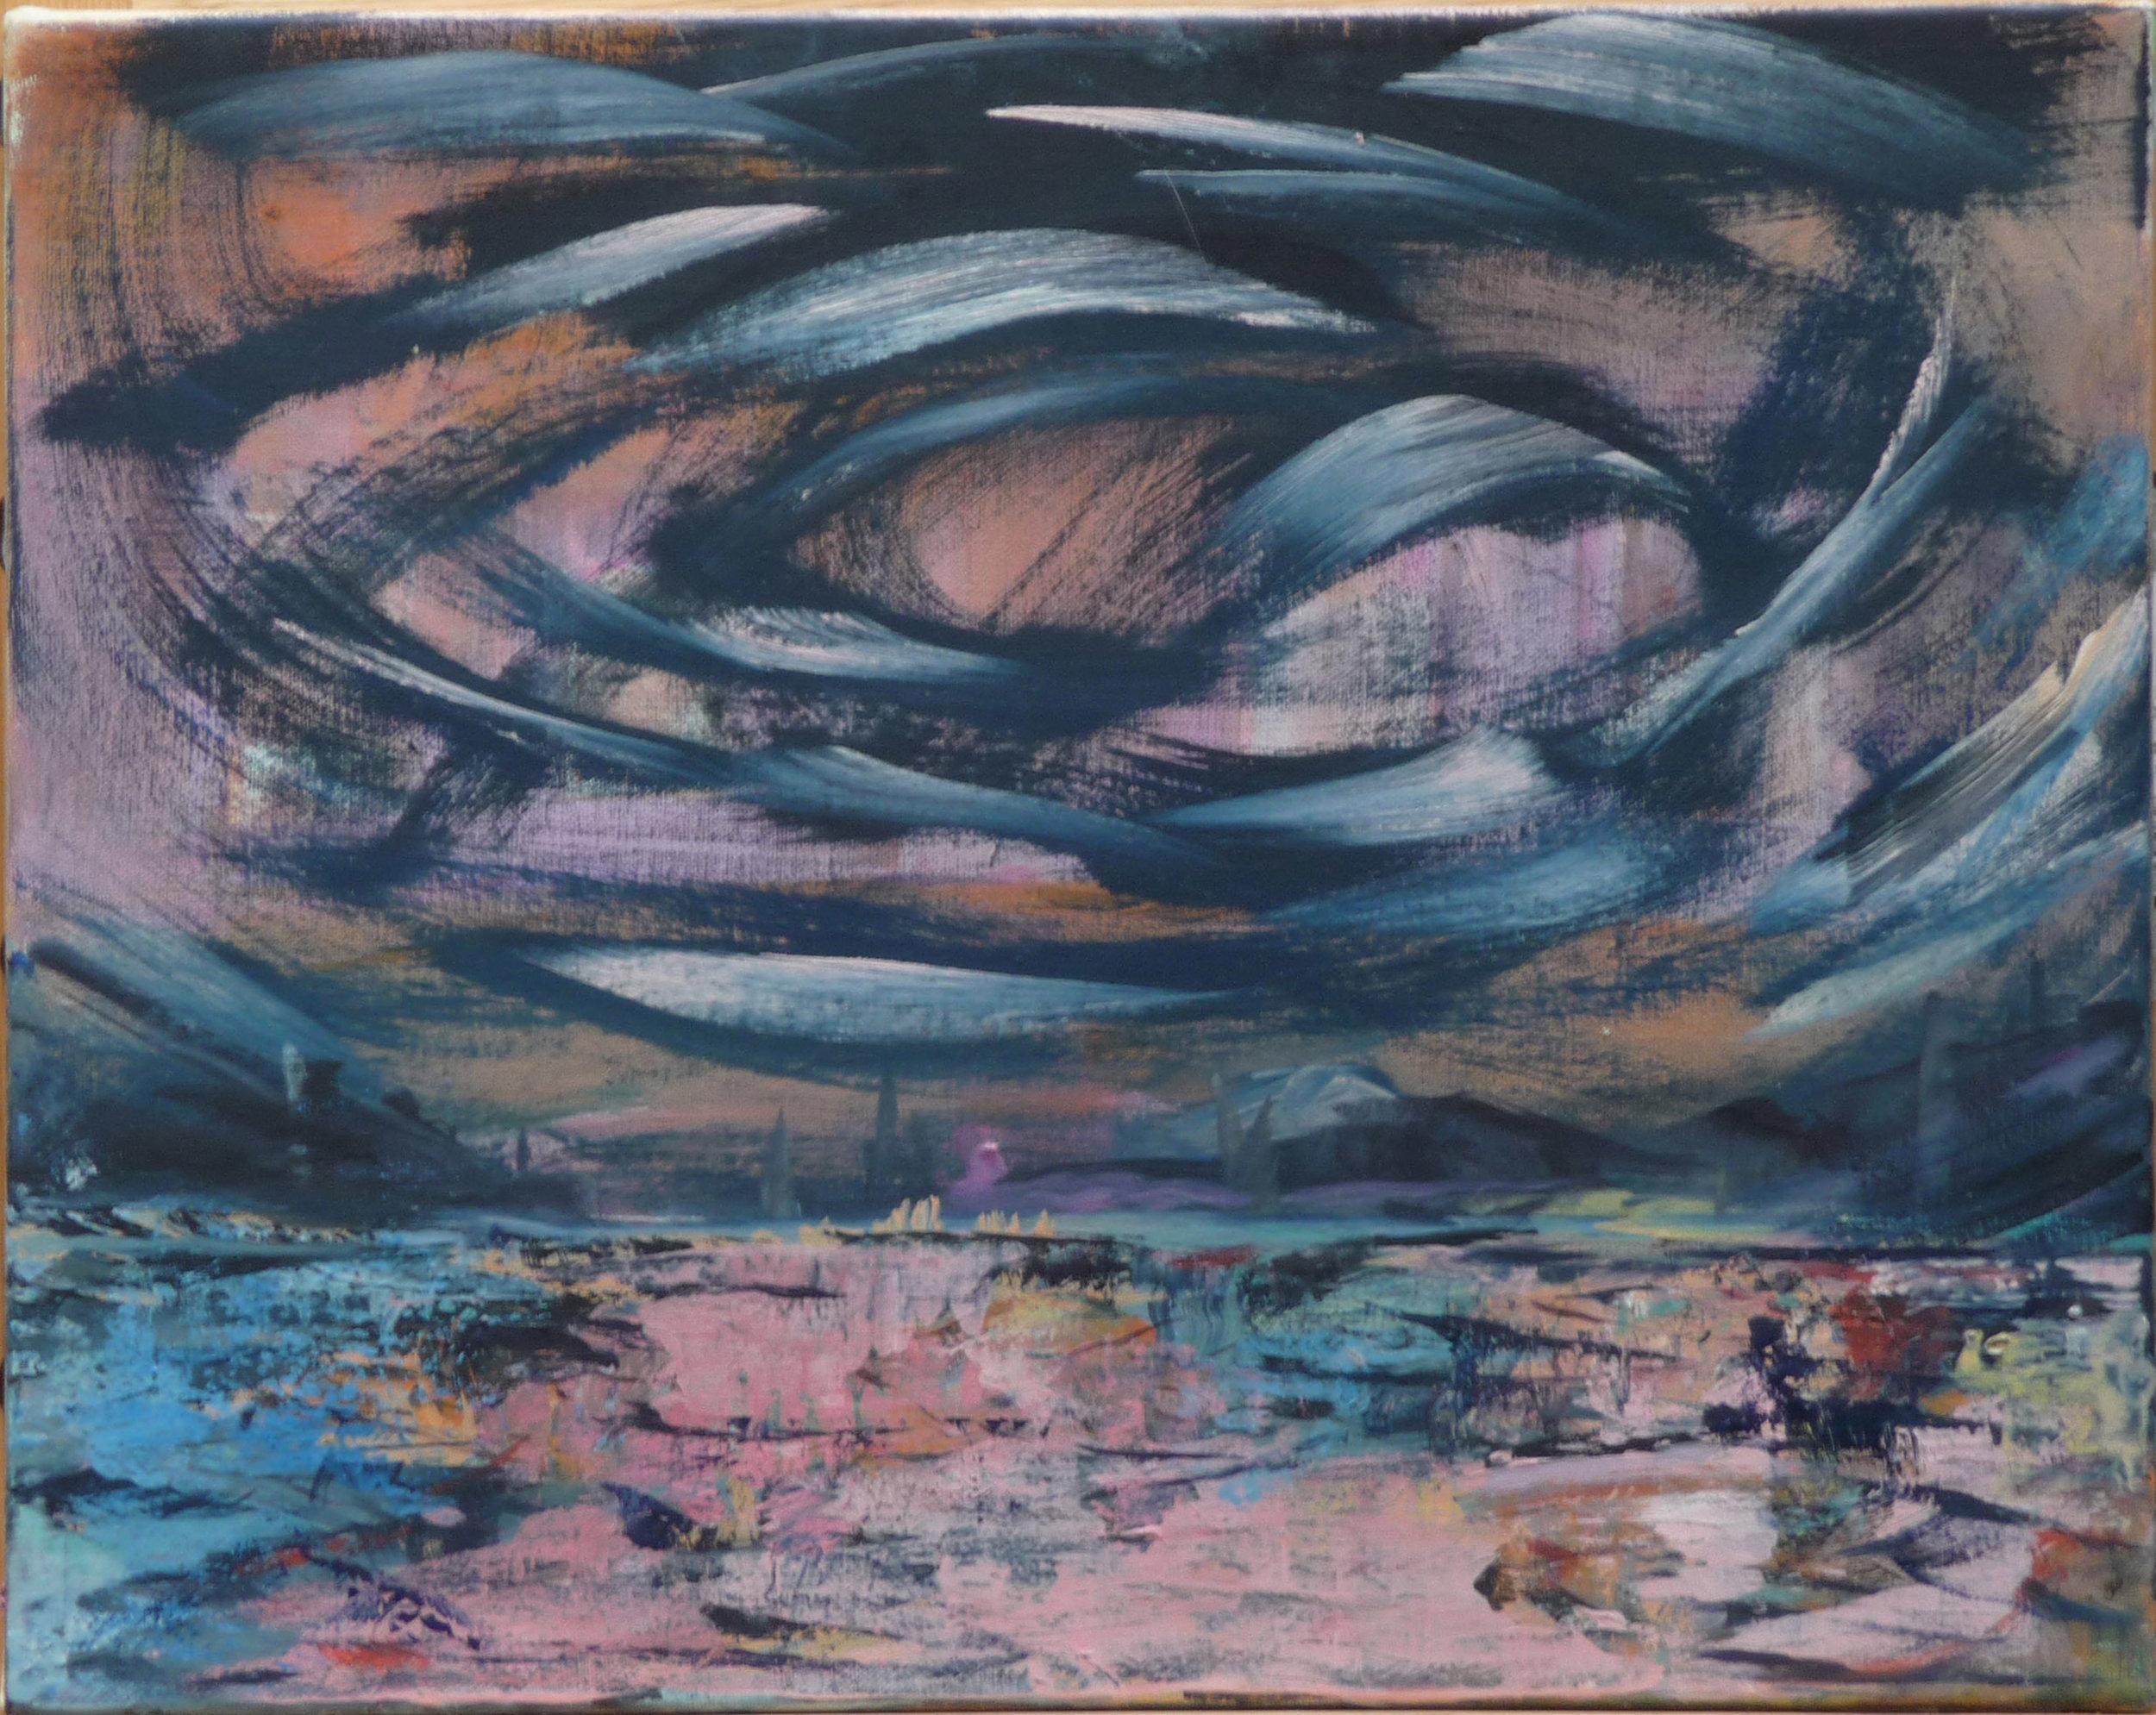 Vergeten iii, oil on canvas, 30 x 40 cm